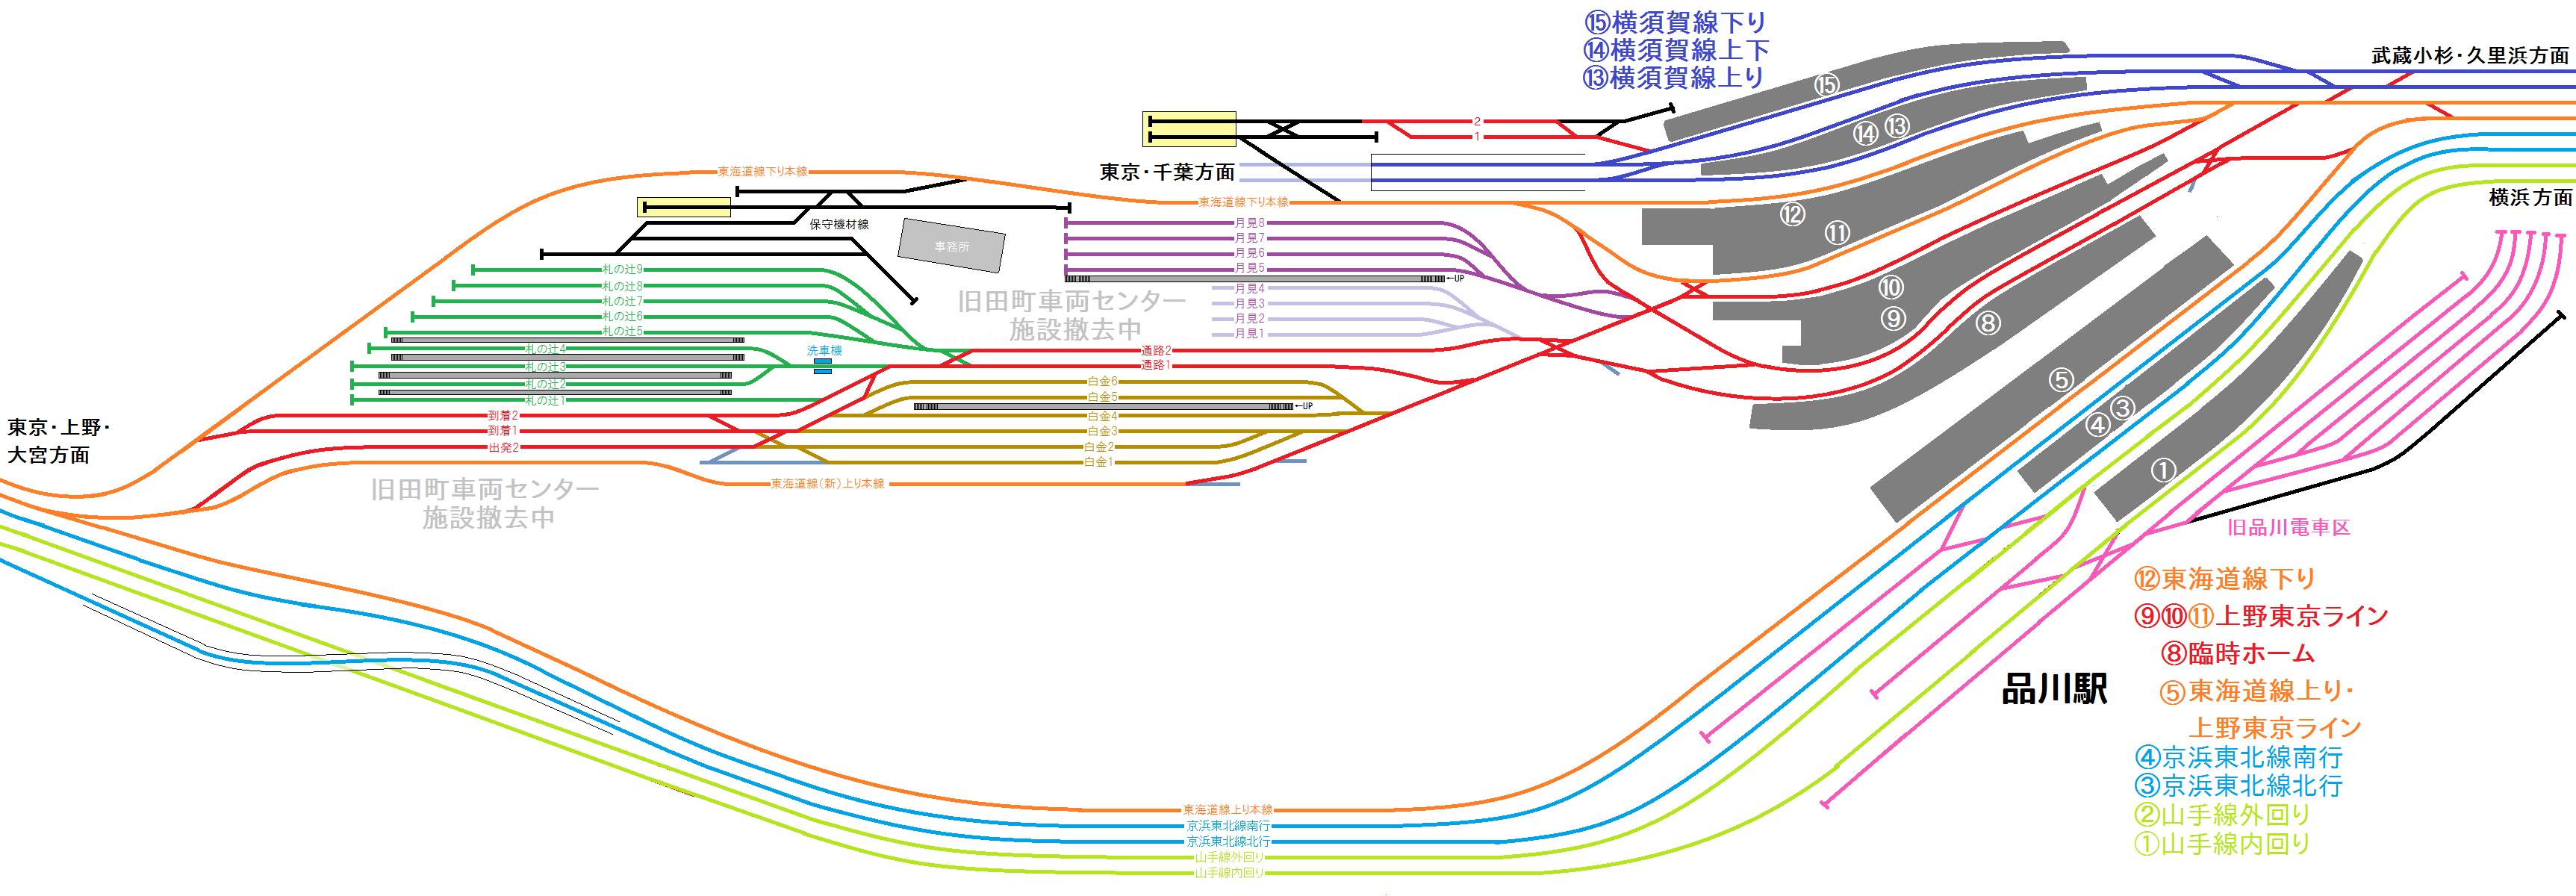 2014年12月時点での品川駅構内配線図